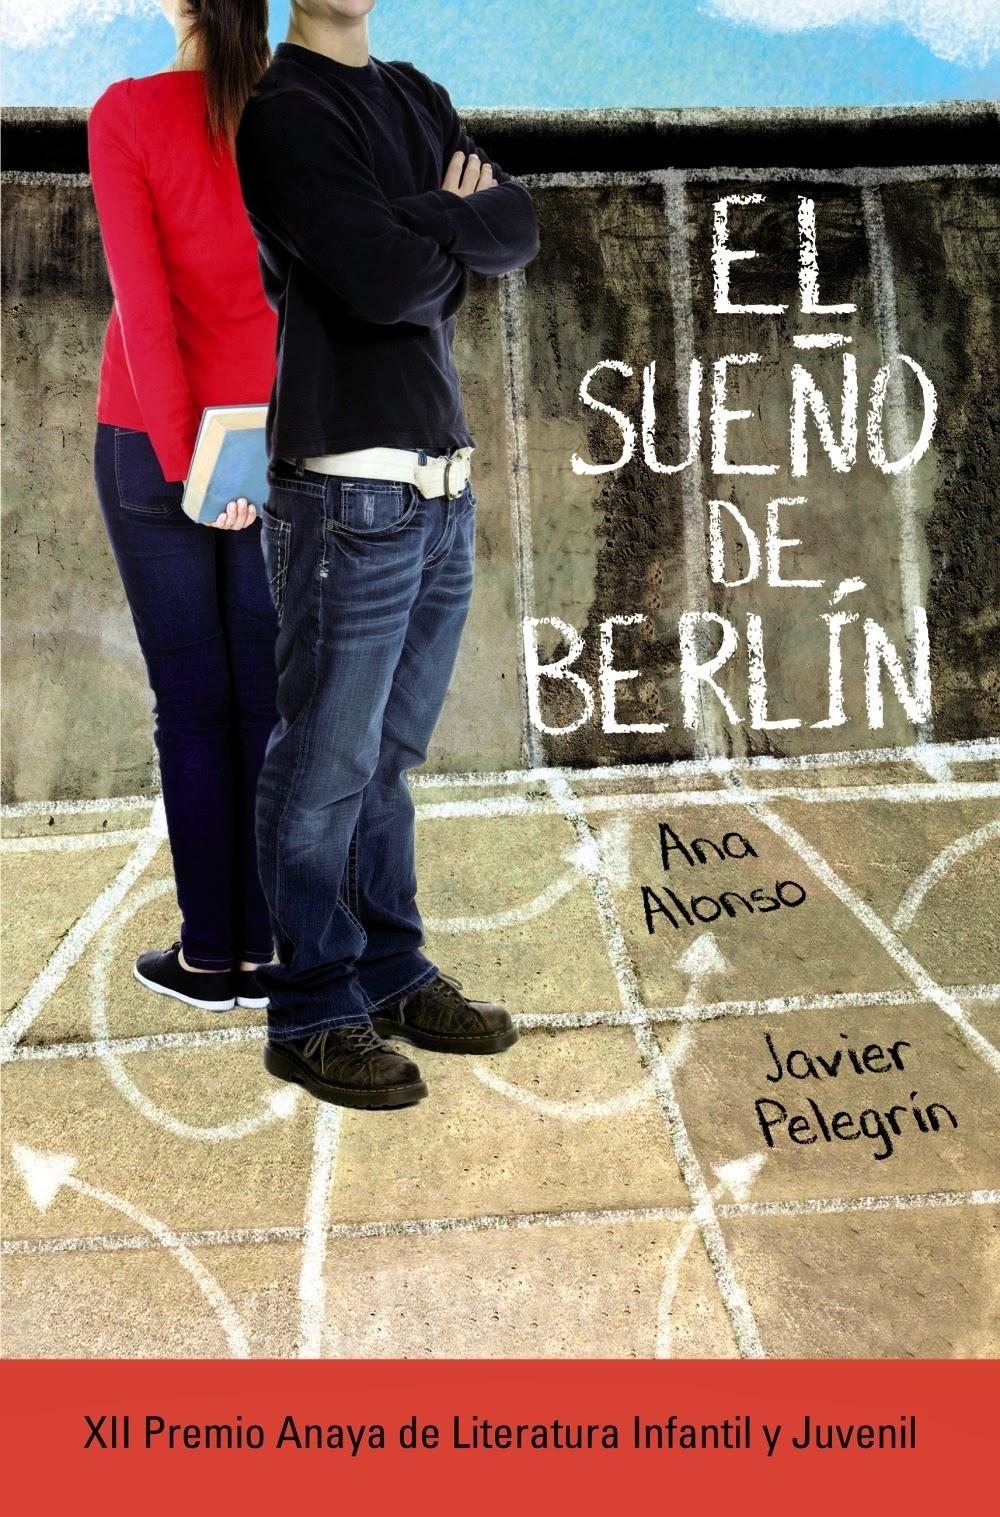 Me gustan los libros: El sueño de Berlín, XII Premio Anaya ...